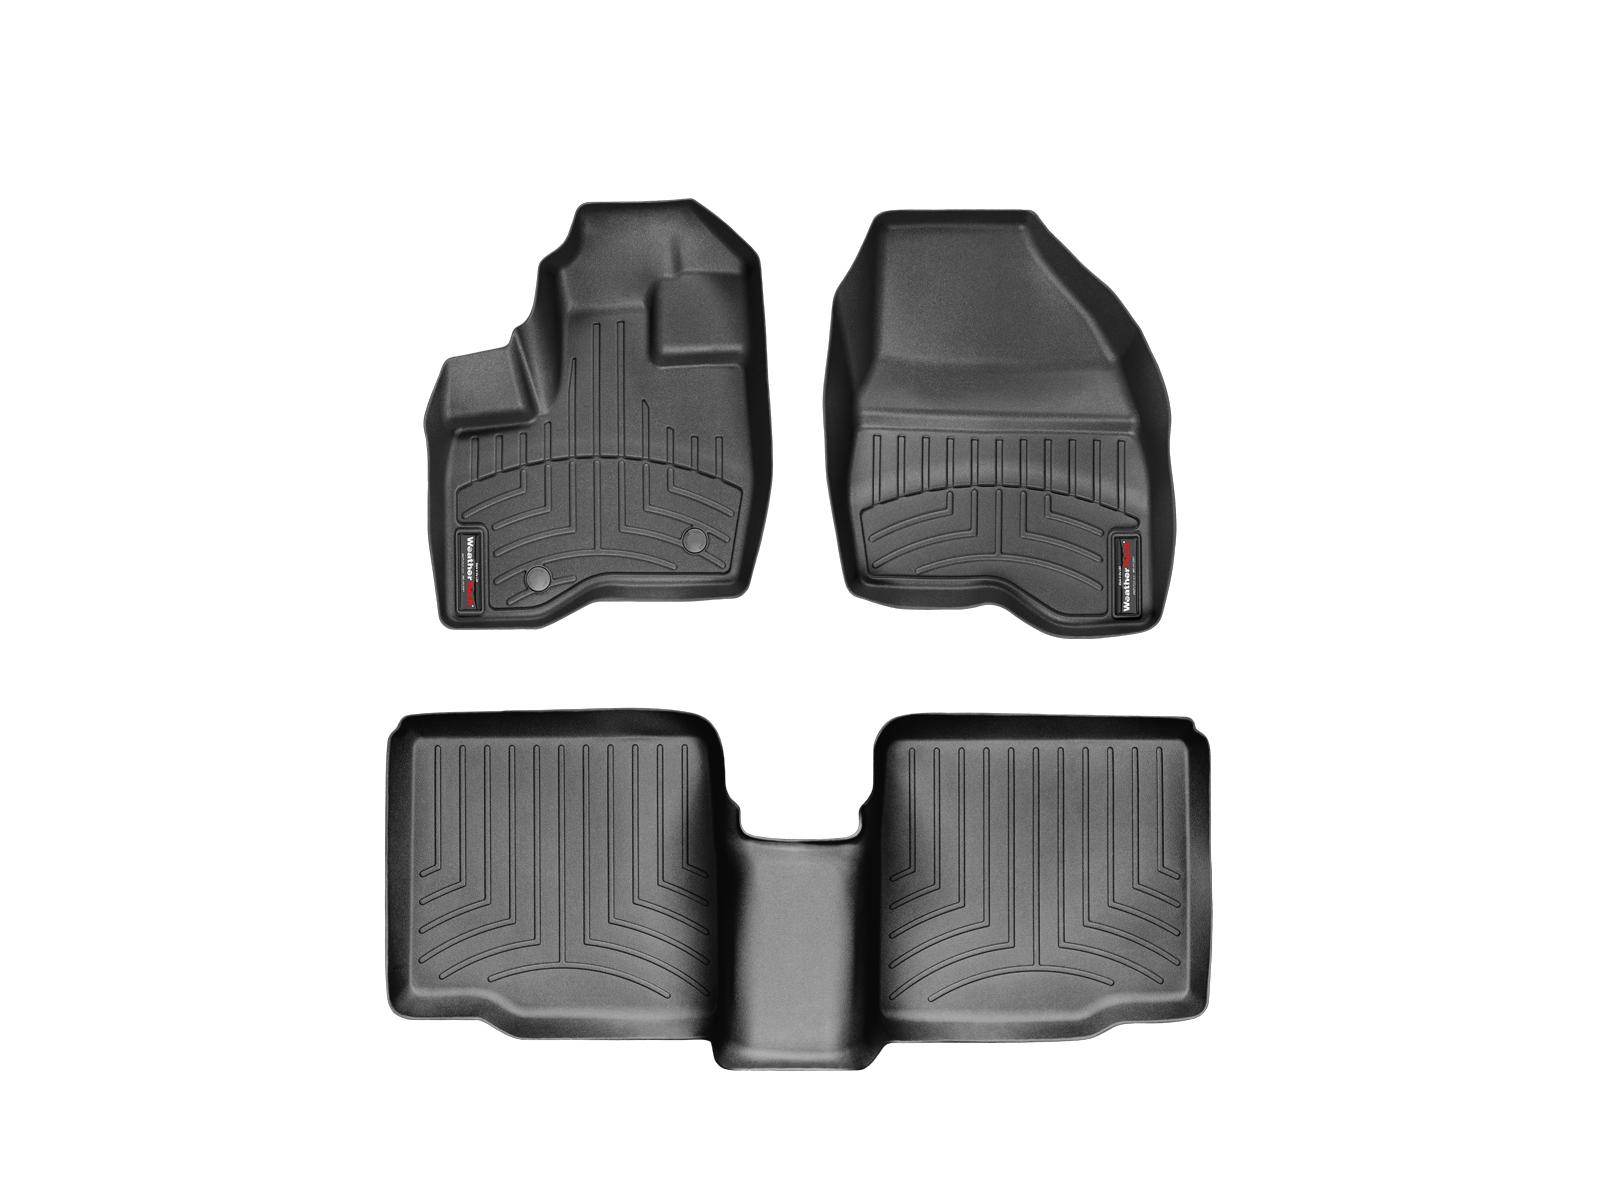 Tappeti gomma su misura bordo alto Ford Explorer 11>14 Nero A868*